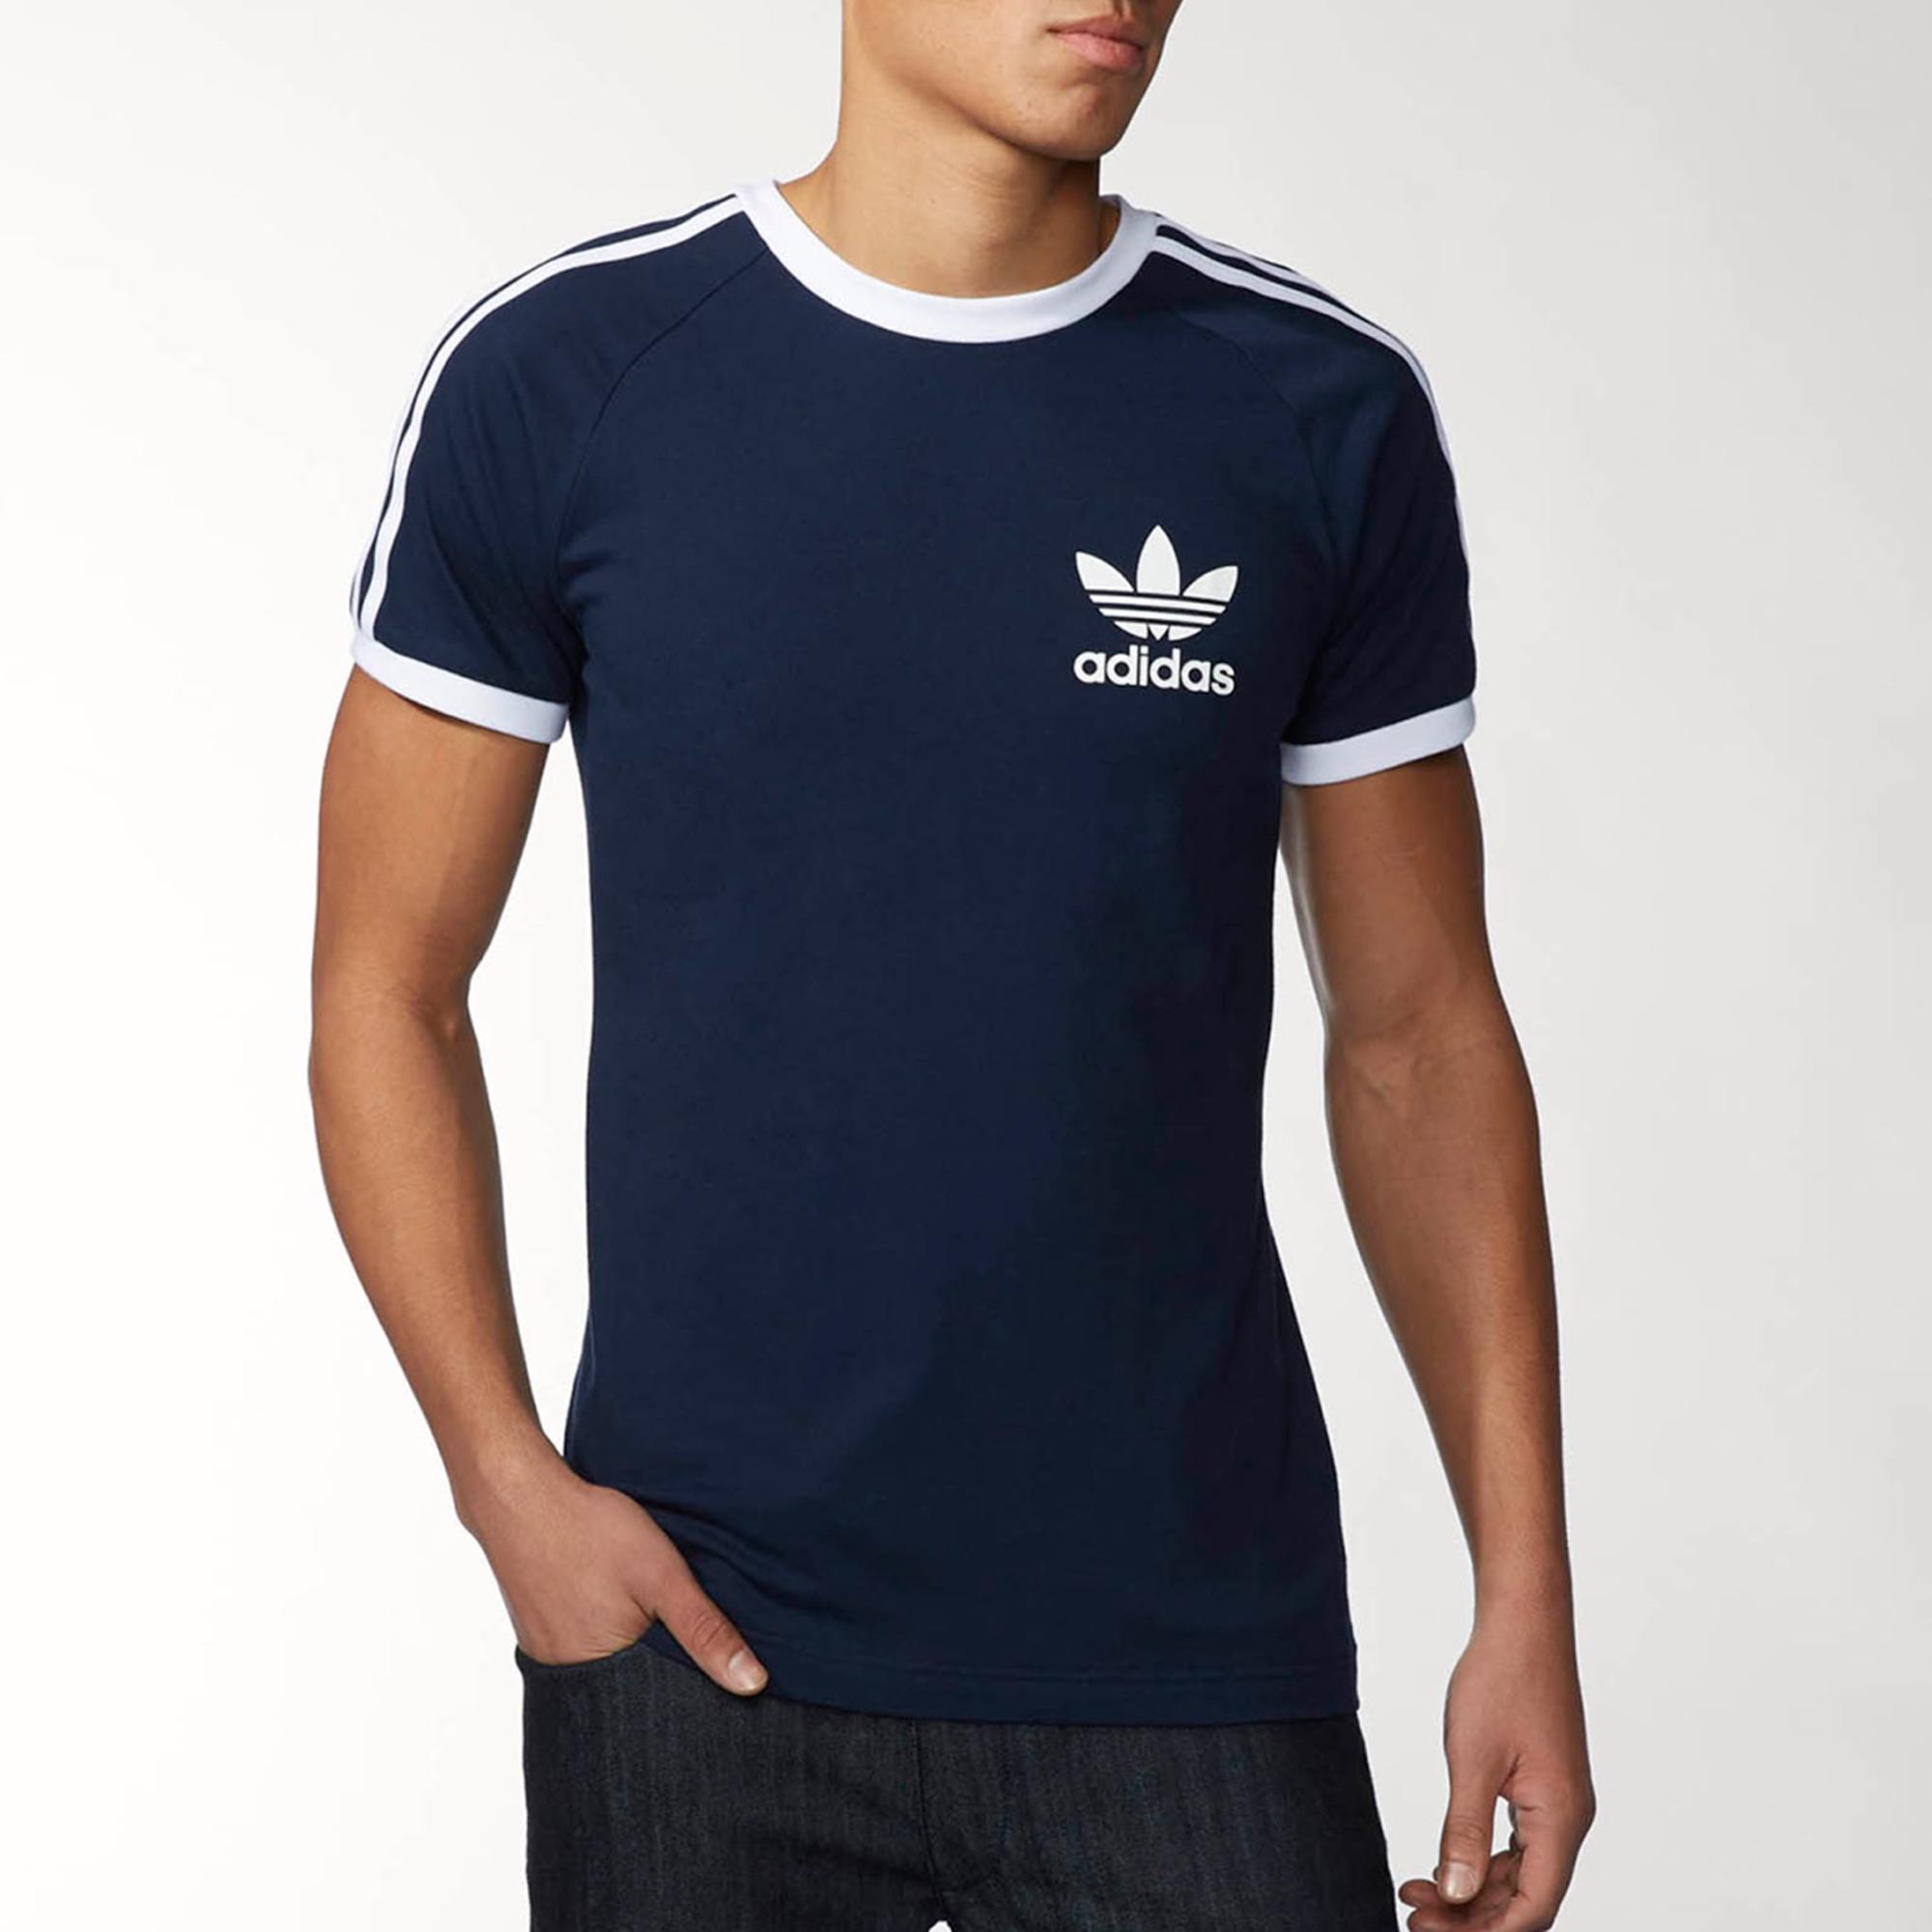 adidas california t shirt blue